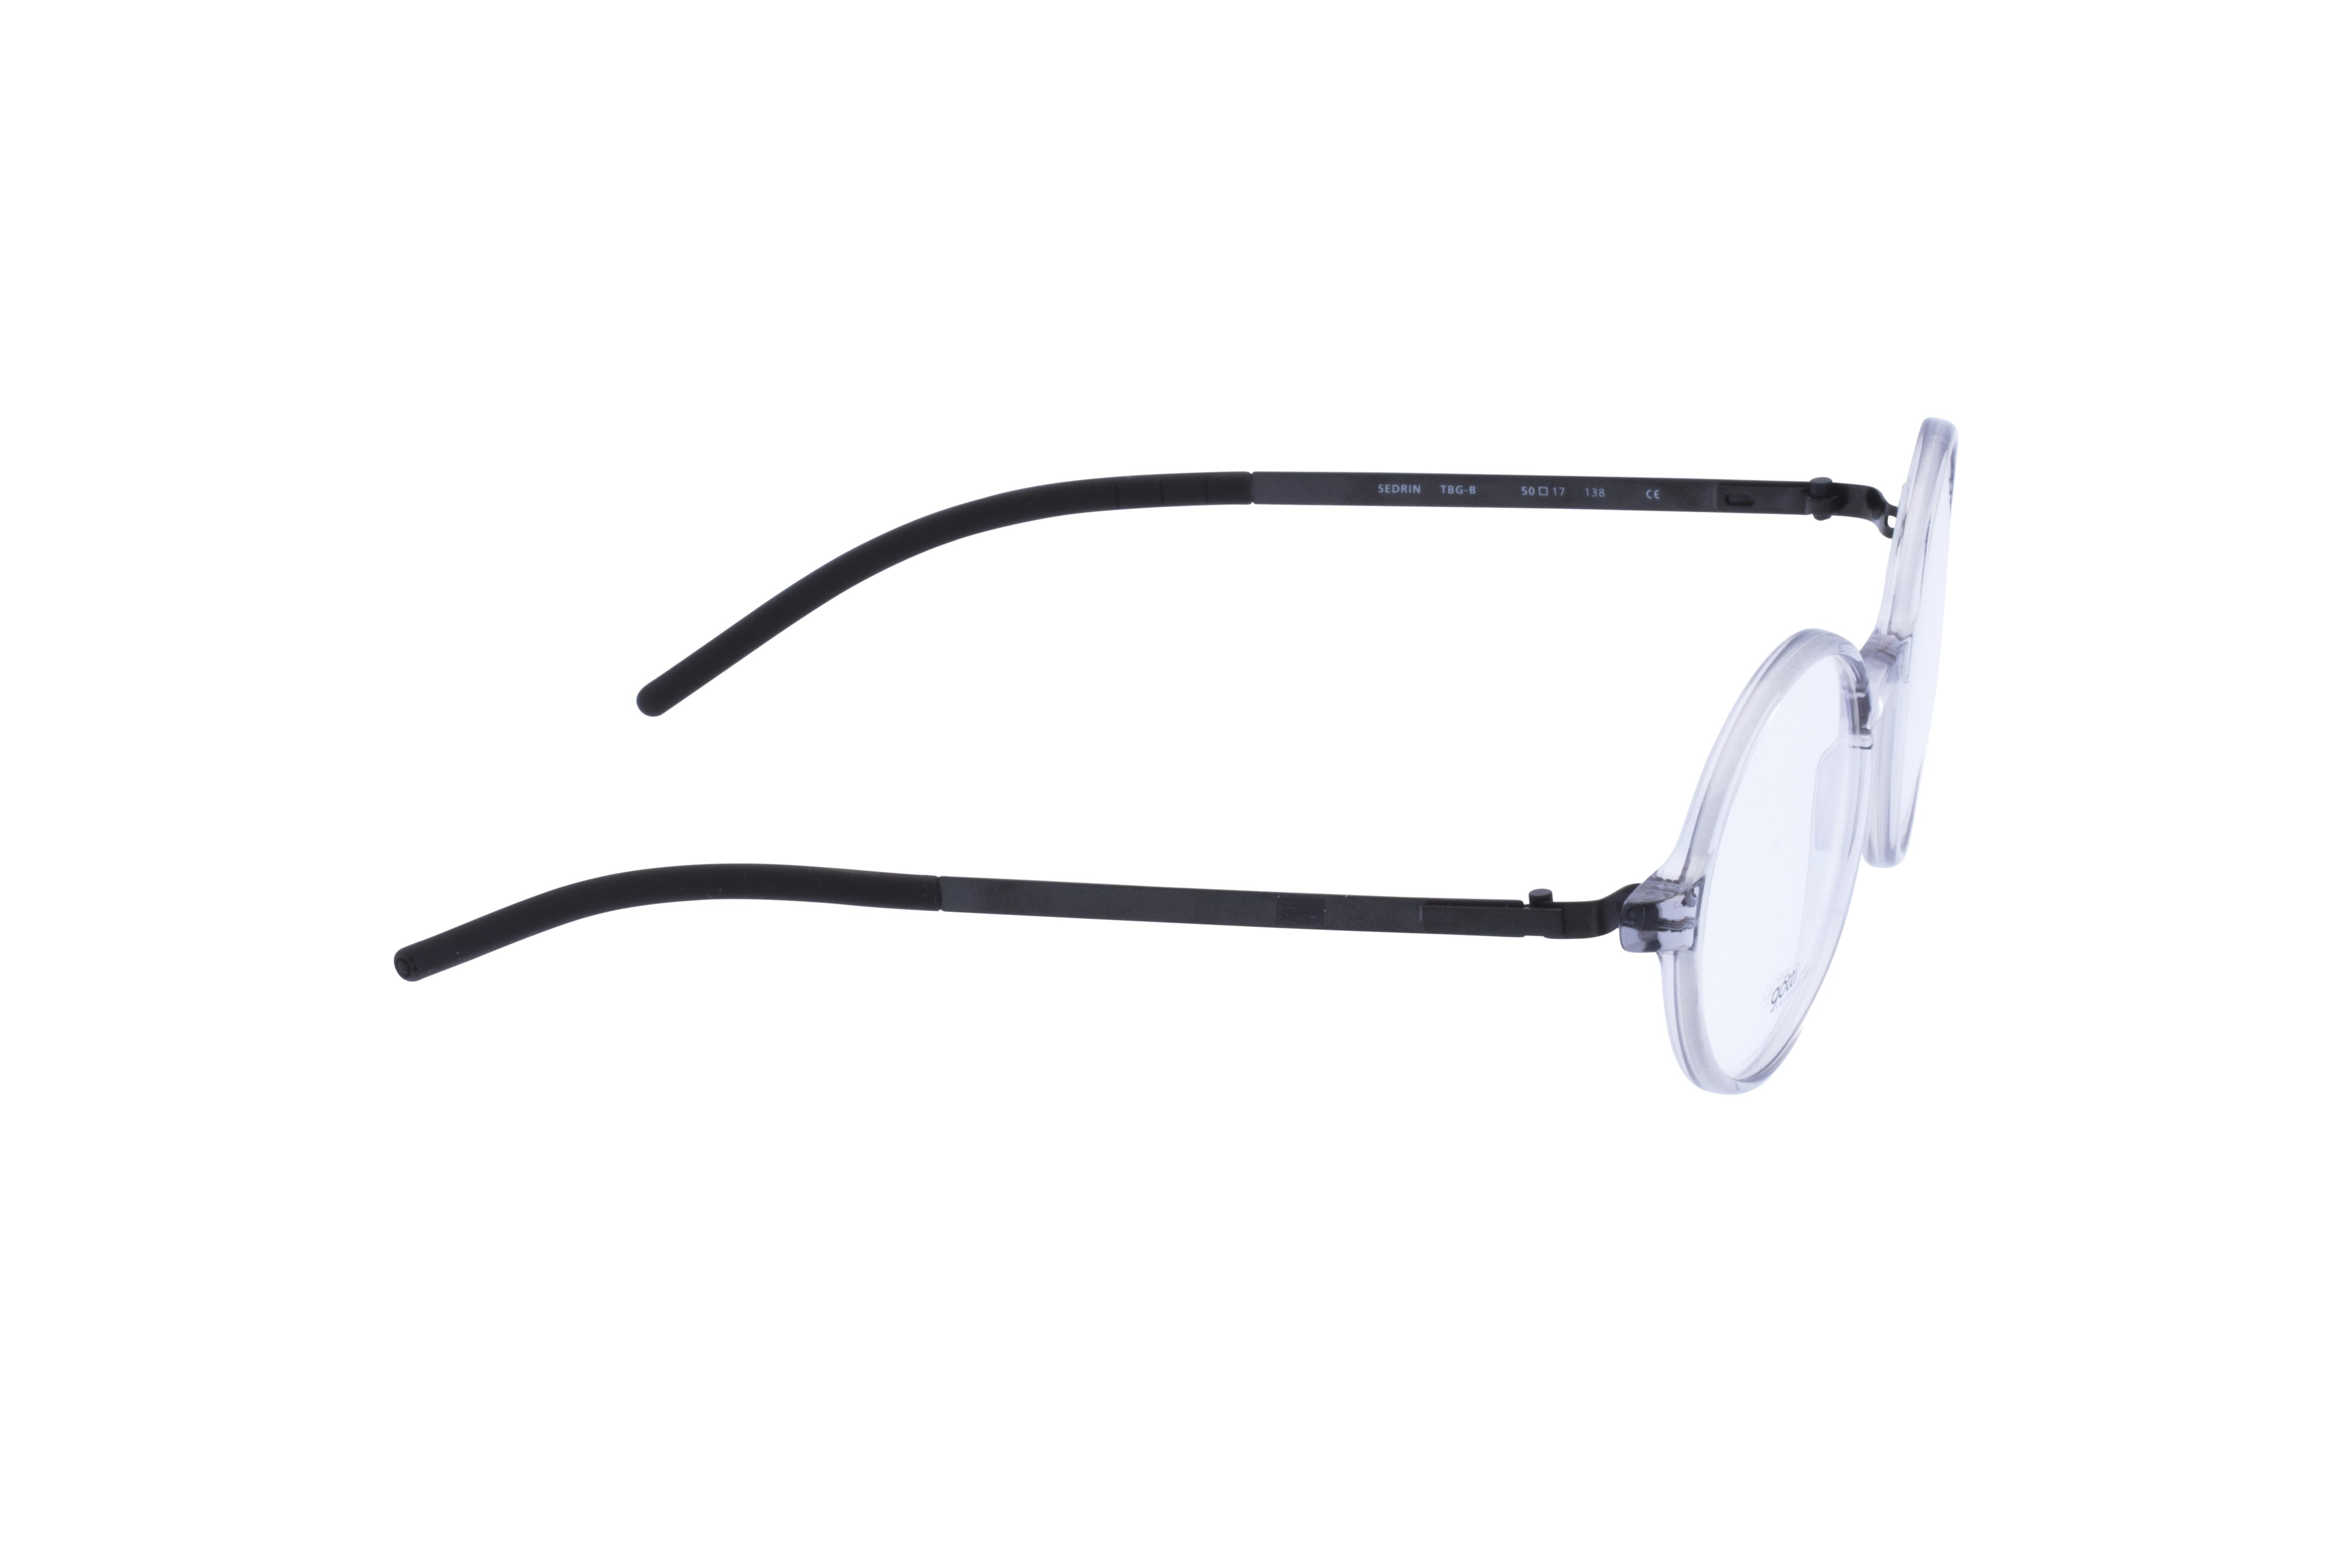 360 Grad Ansicht 5 Götti Sedrin, Brille auf Weiß - Fassung bei KUNK